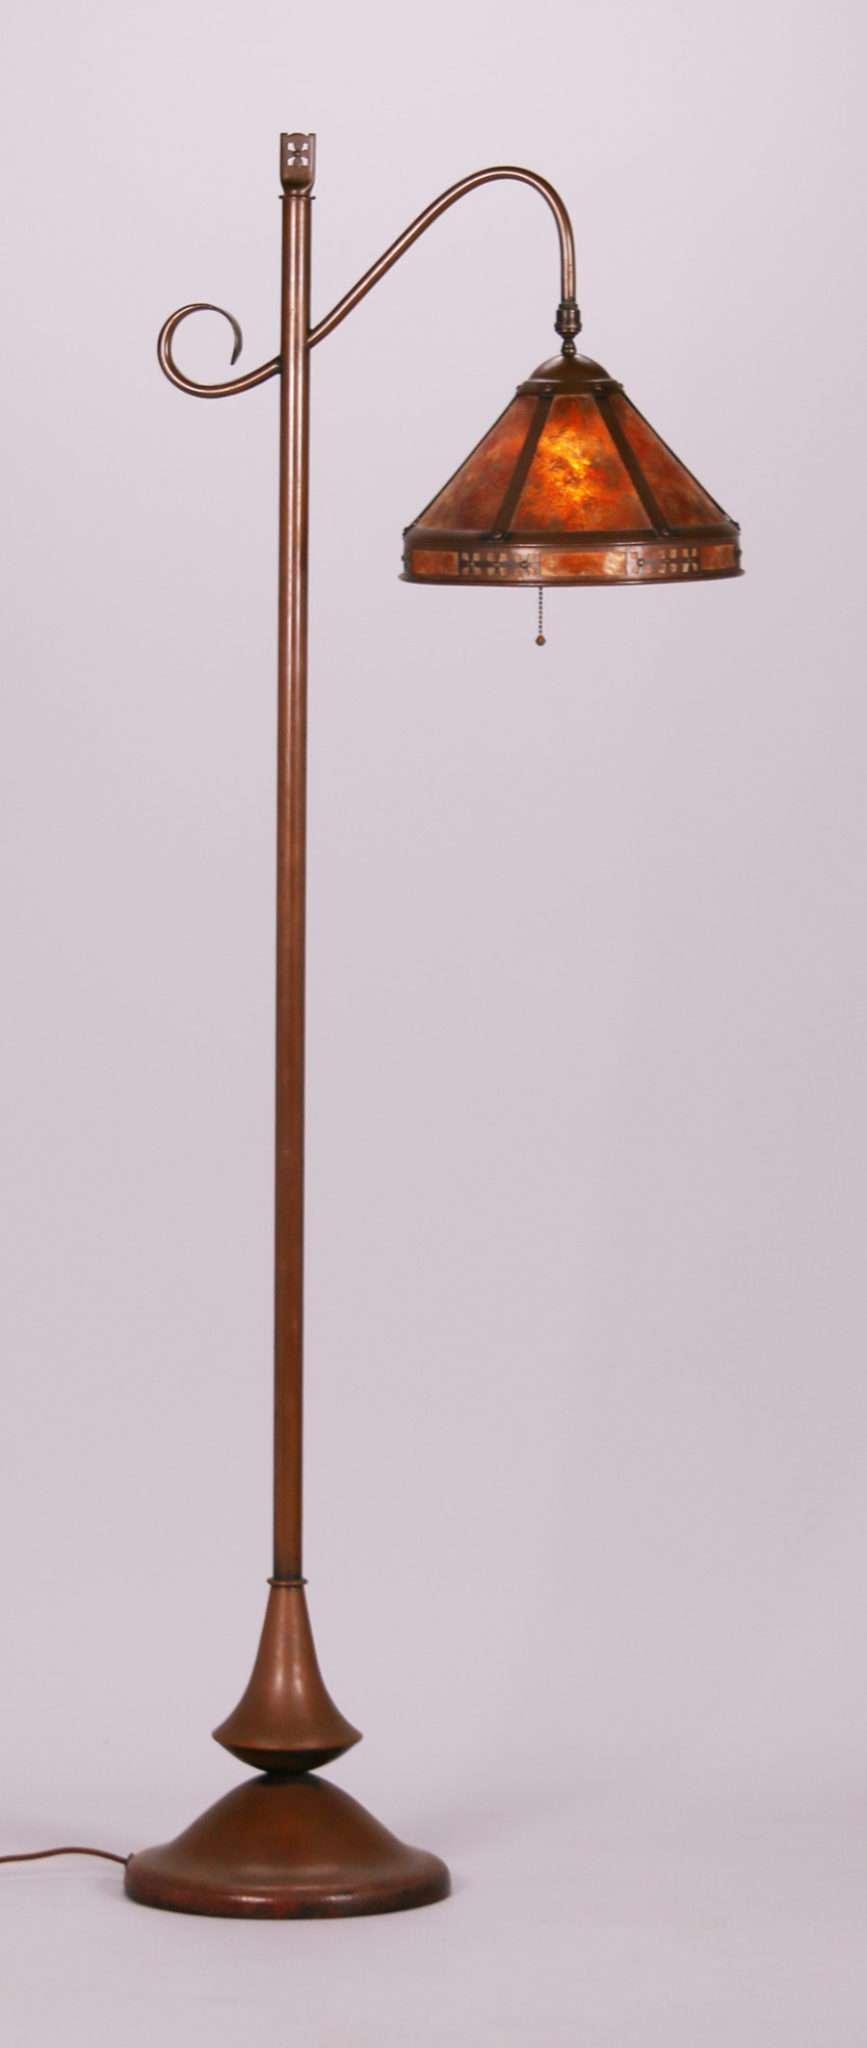 Dirk van erp hammered copper mica floor lamp c1915 california dirkfloorlamp1 dirkfloorlamp2 aloadofball Choice Image